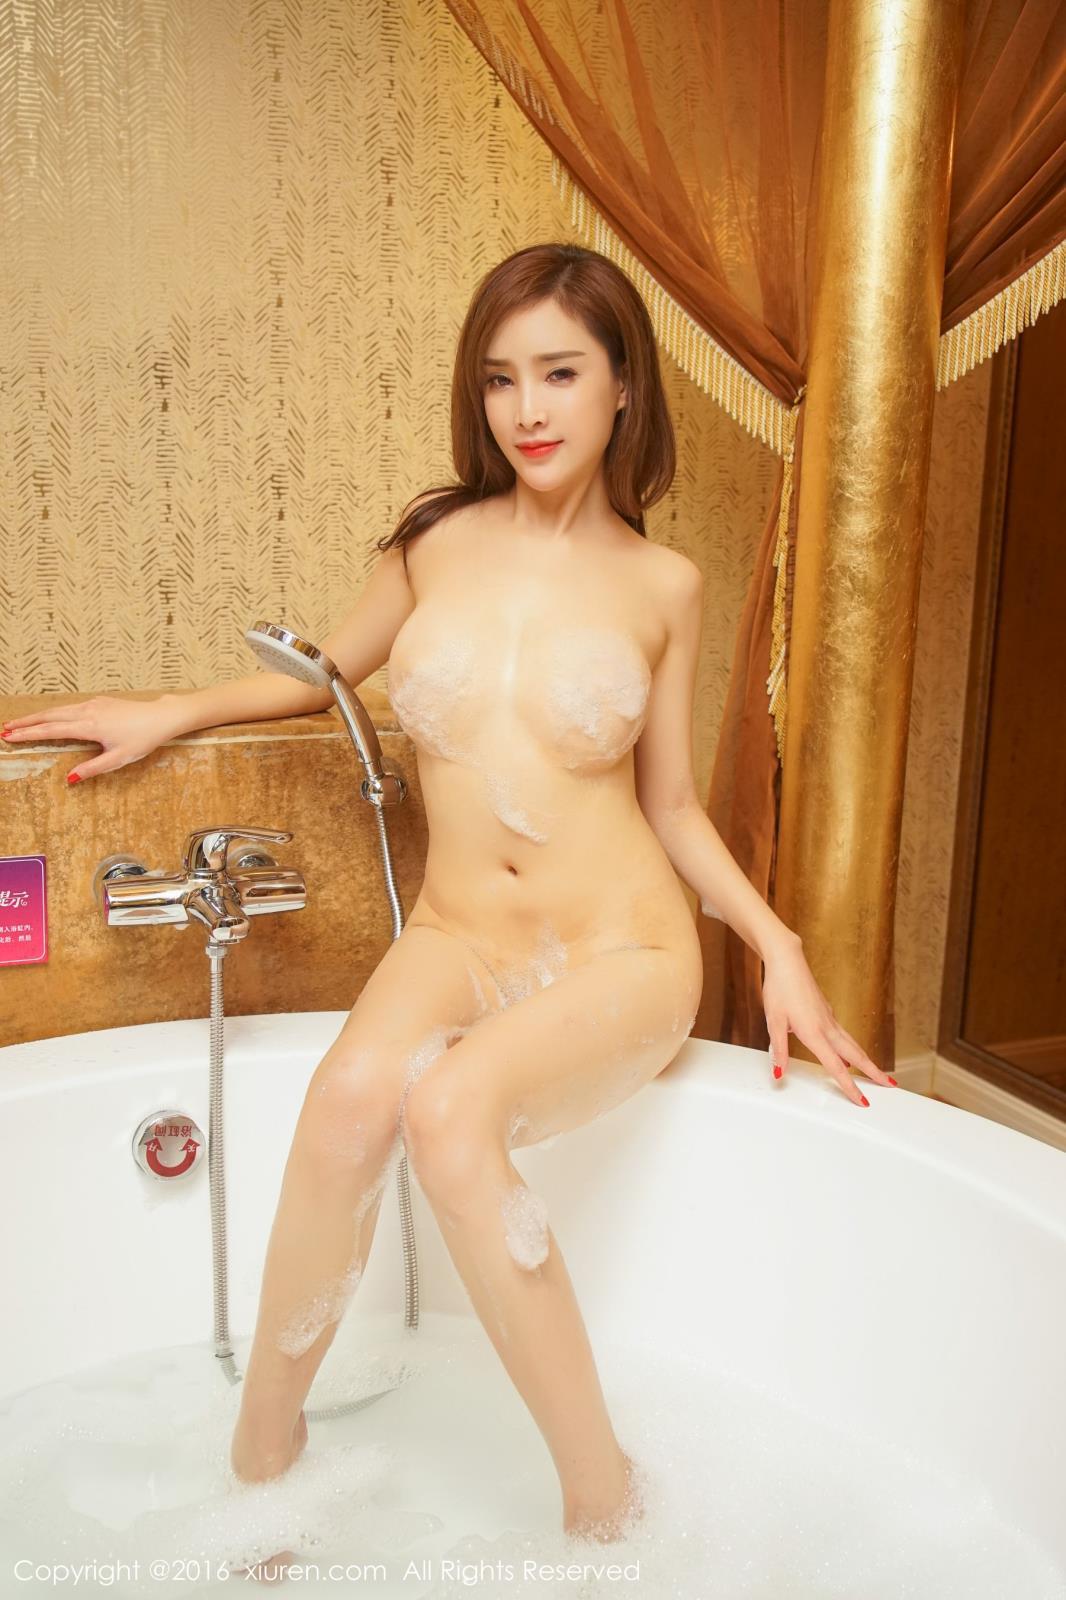 [XiuRen秀人网] 美女模特周妍希土肥圆矮挫穷浴室情趣湿身诱惑大尺度写真